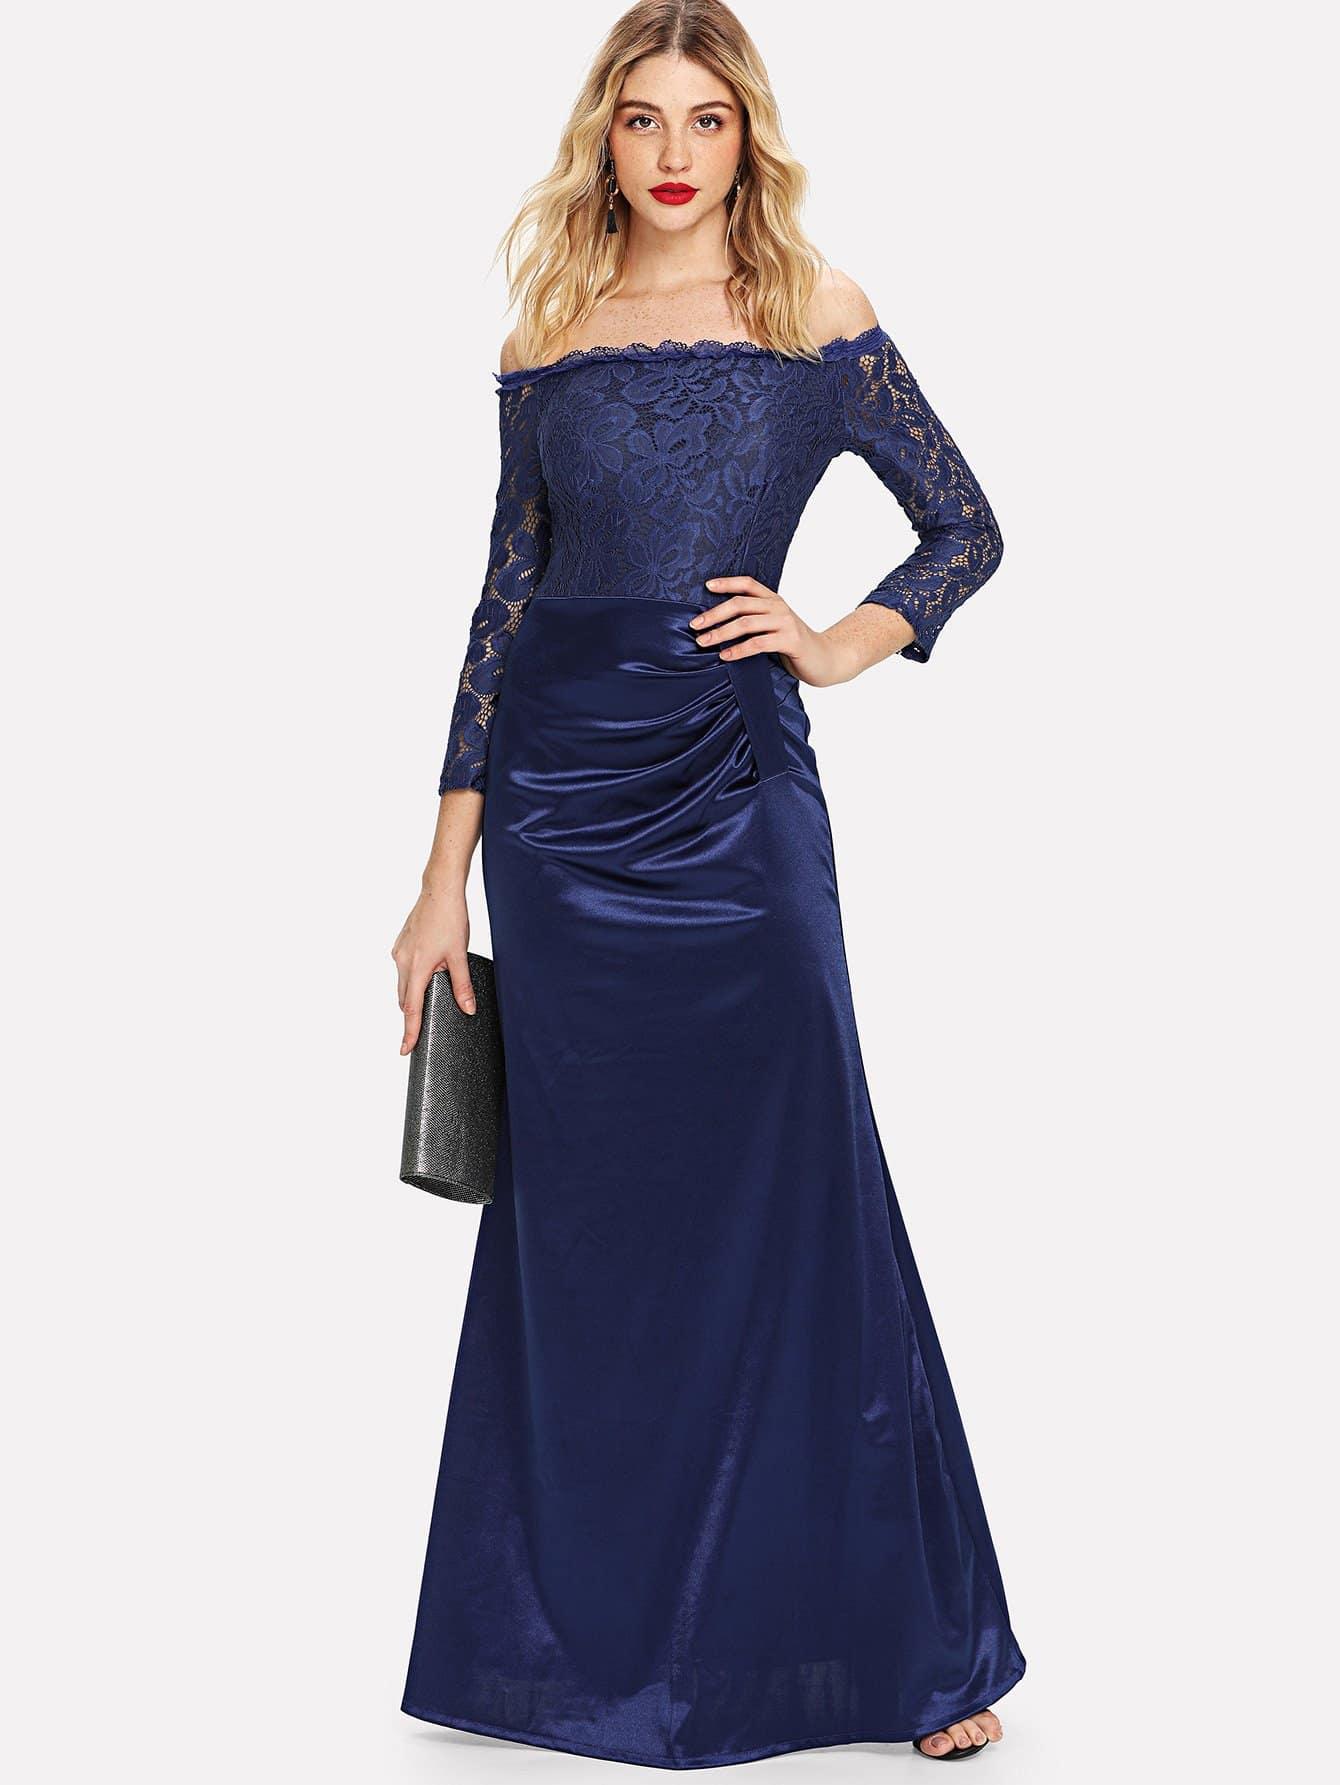 Off-Shoulder Lace Contrast Dress lace off shoulder dress